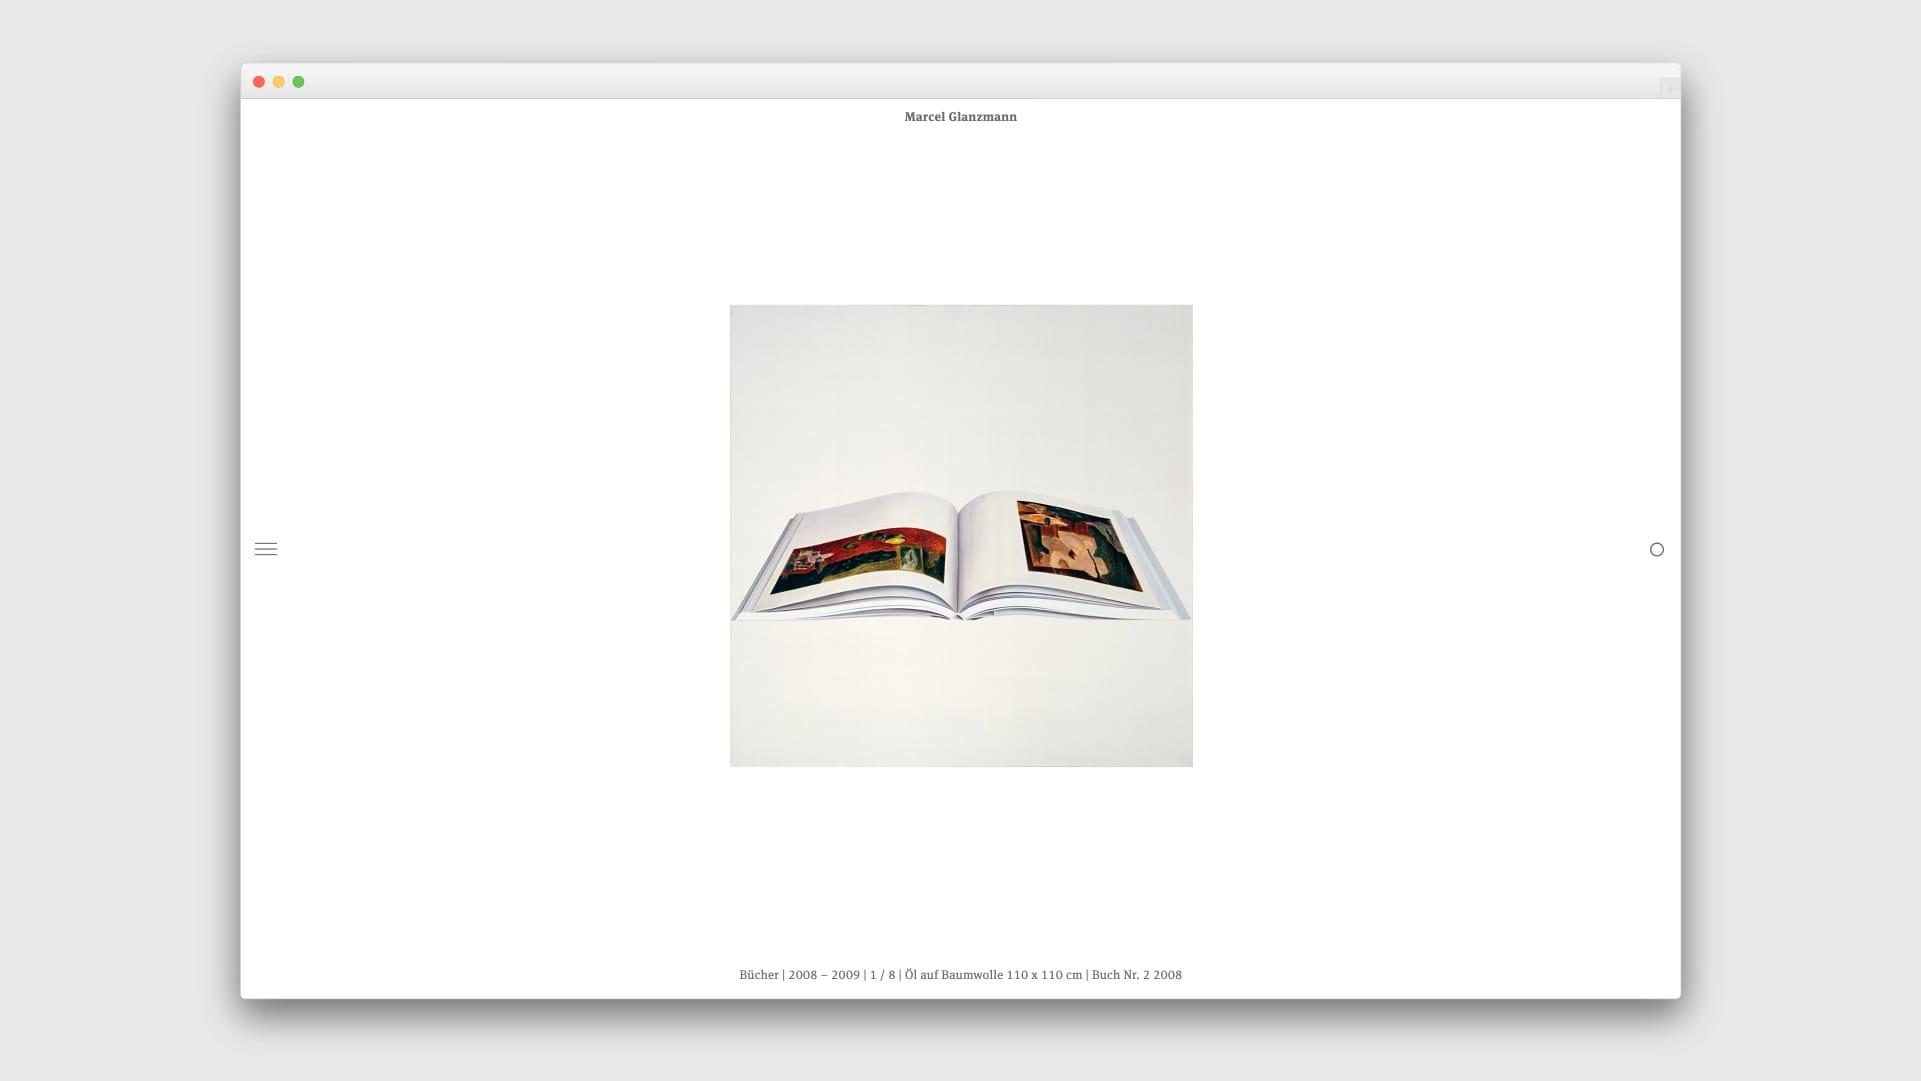 Webdesign für Marcel Glanzmann – freischaffender Künstler und visueller Gestalter — l'équipe visuelle — Grafikatelier